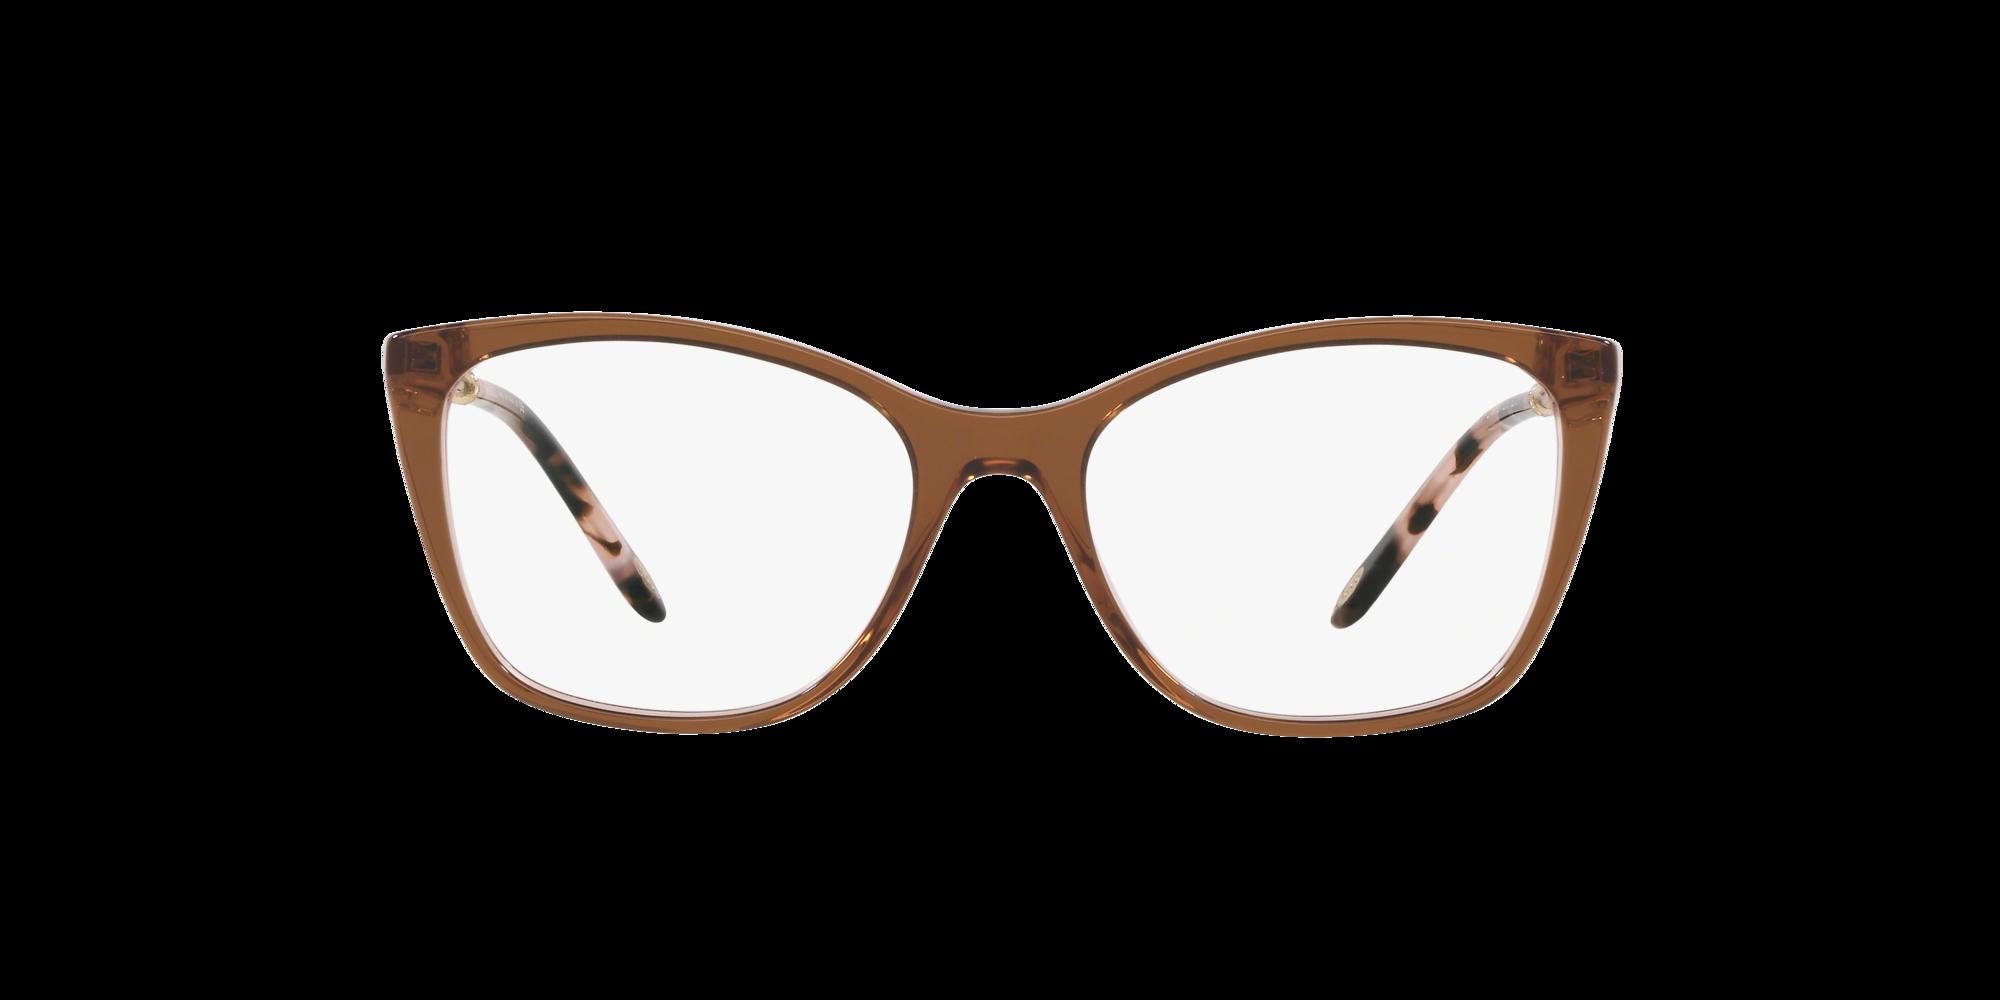 Imagen para TF2160B de LensCrafters |  Espejuelos, espejuelos graduados en línea, gafas